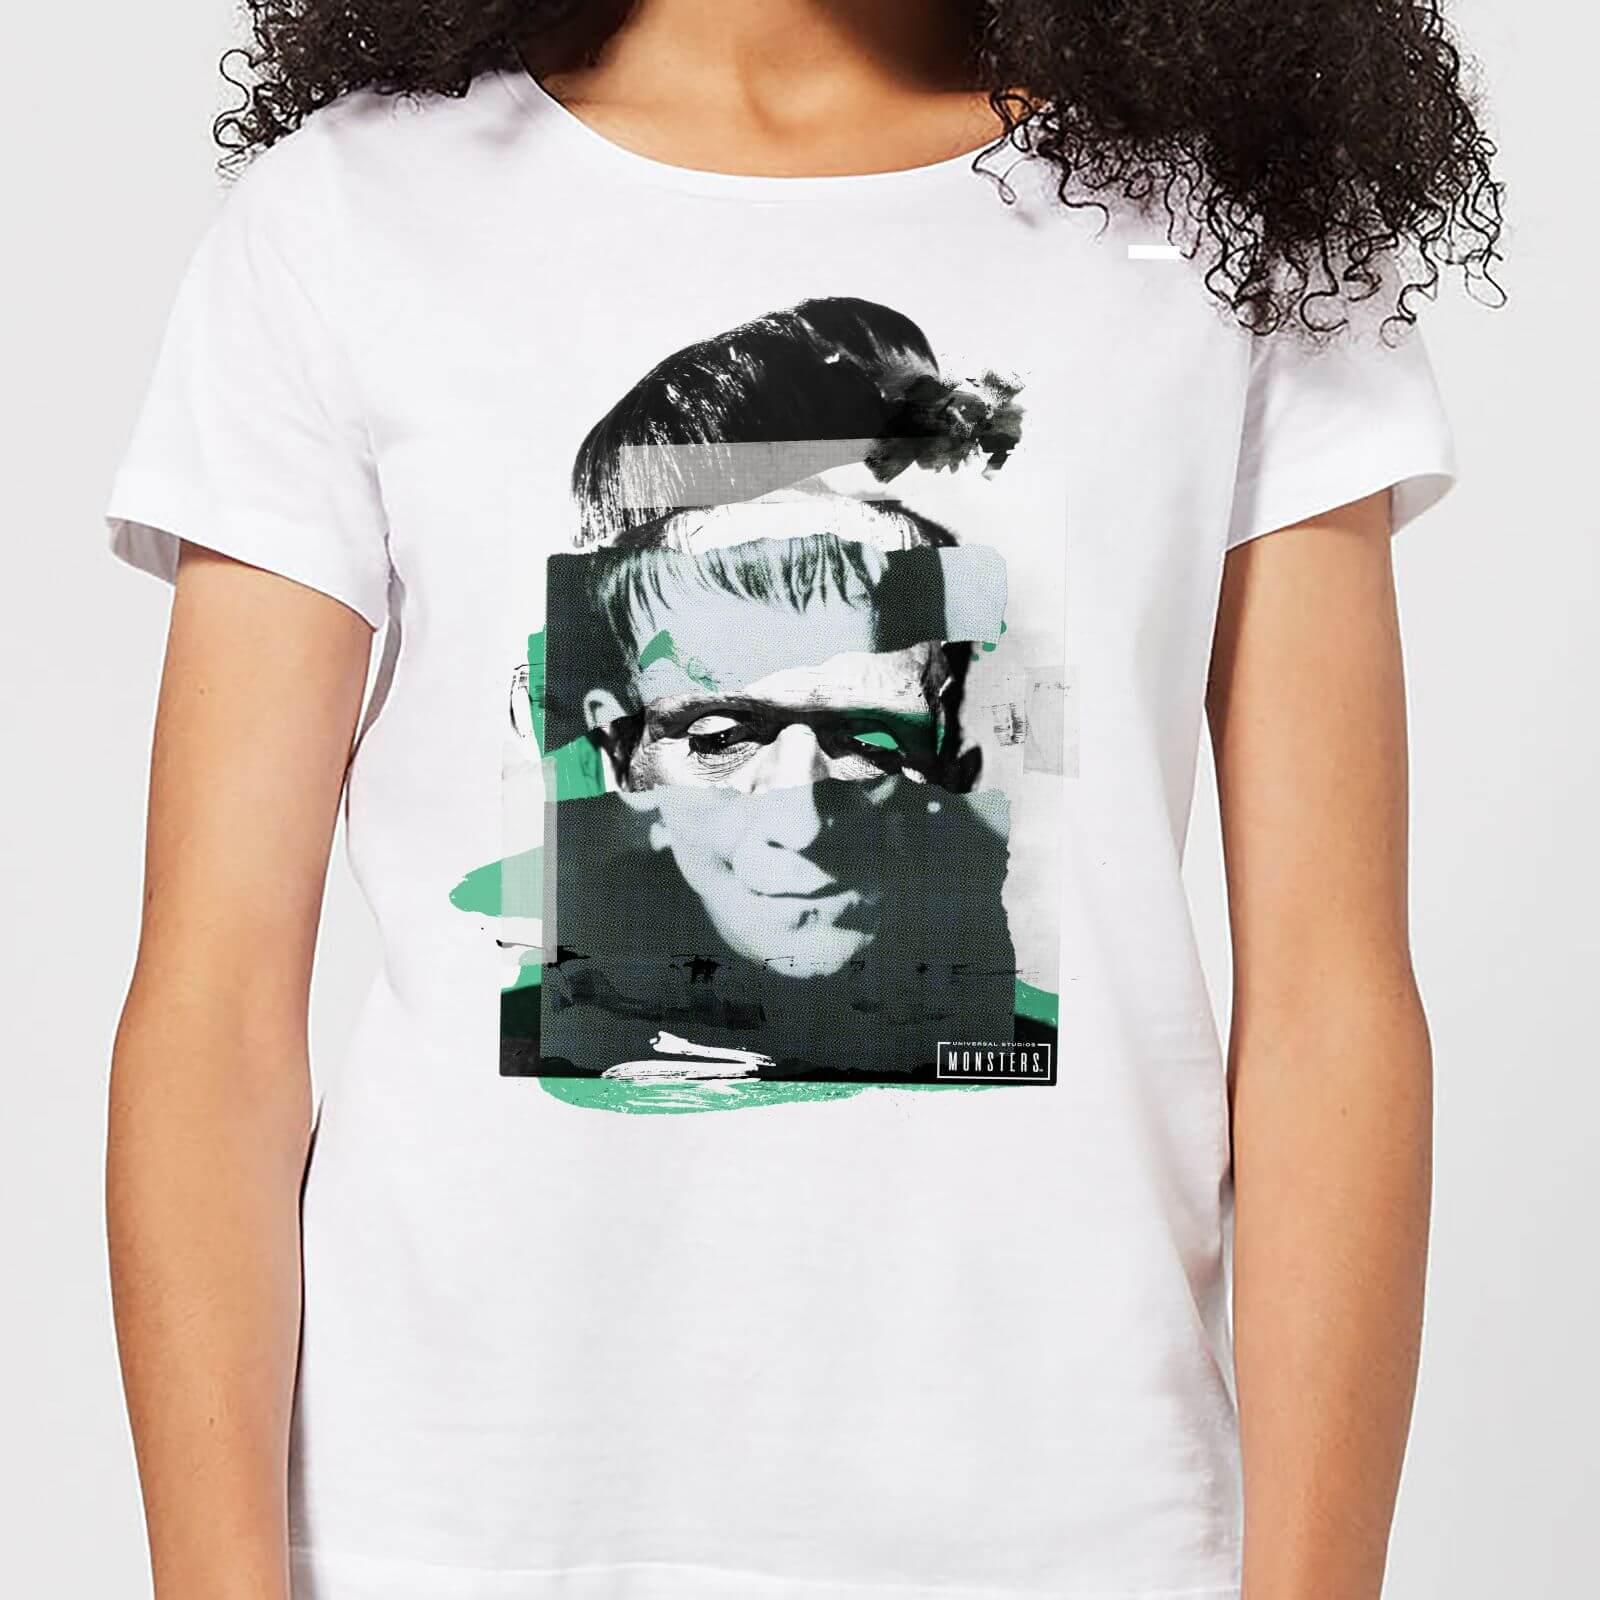 Universal Monsters Frankenstein Collage Damen T-Shirt - Weiß - 3XL - Weiß